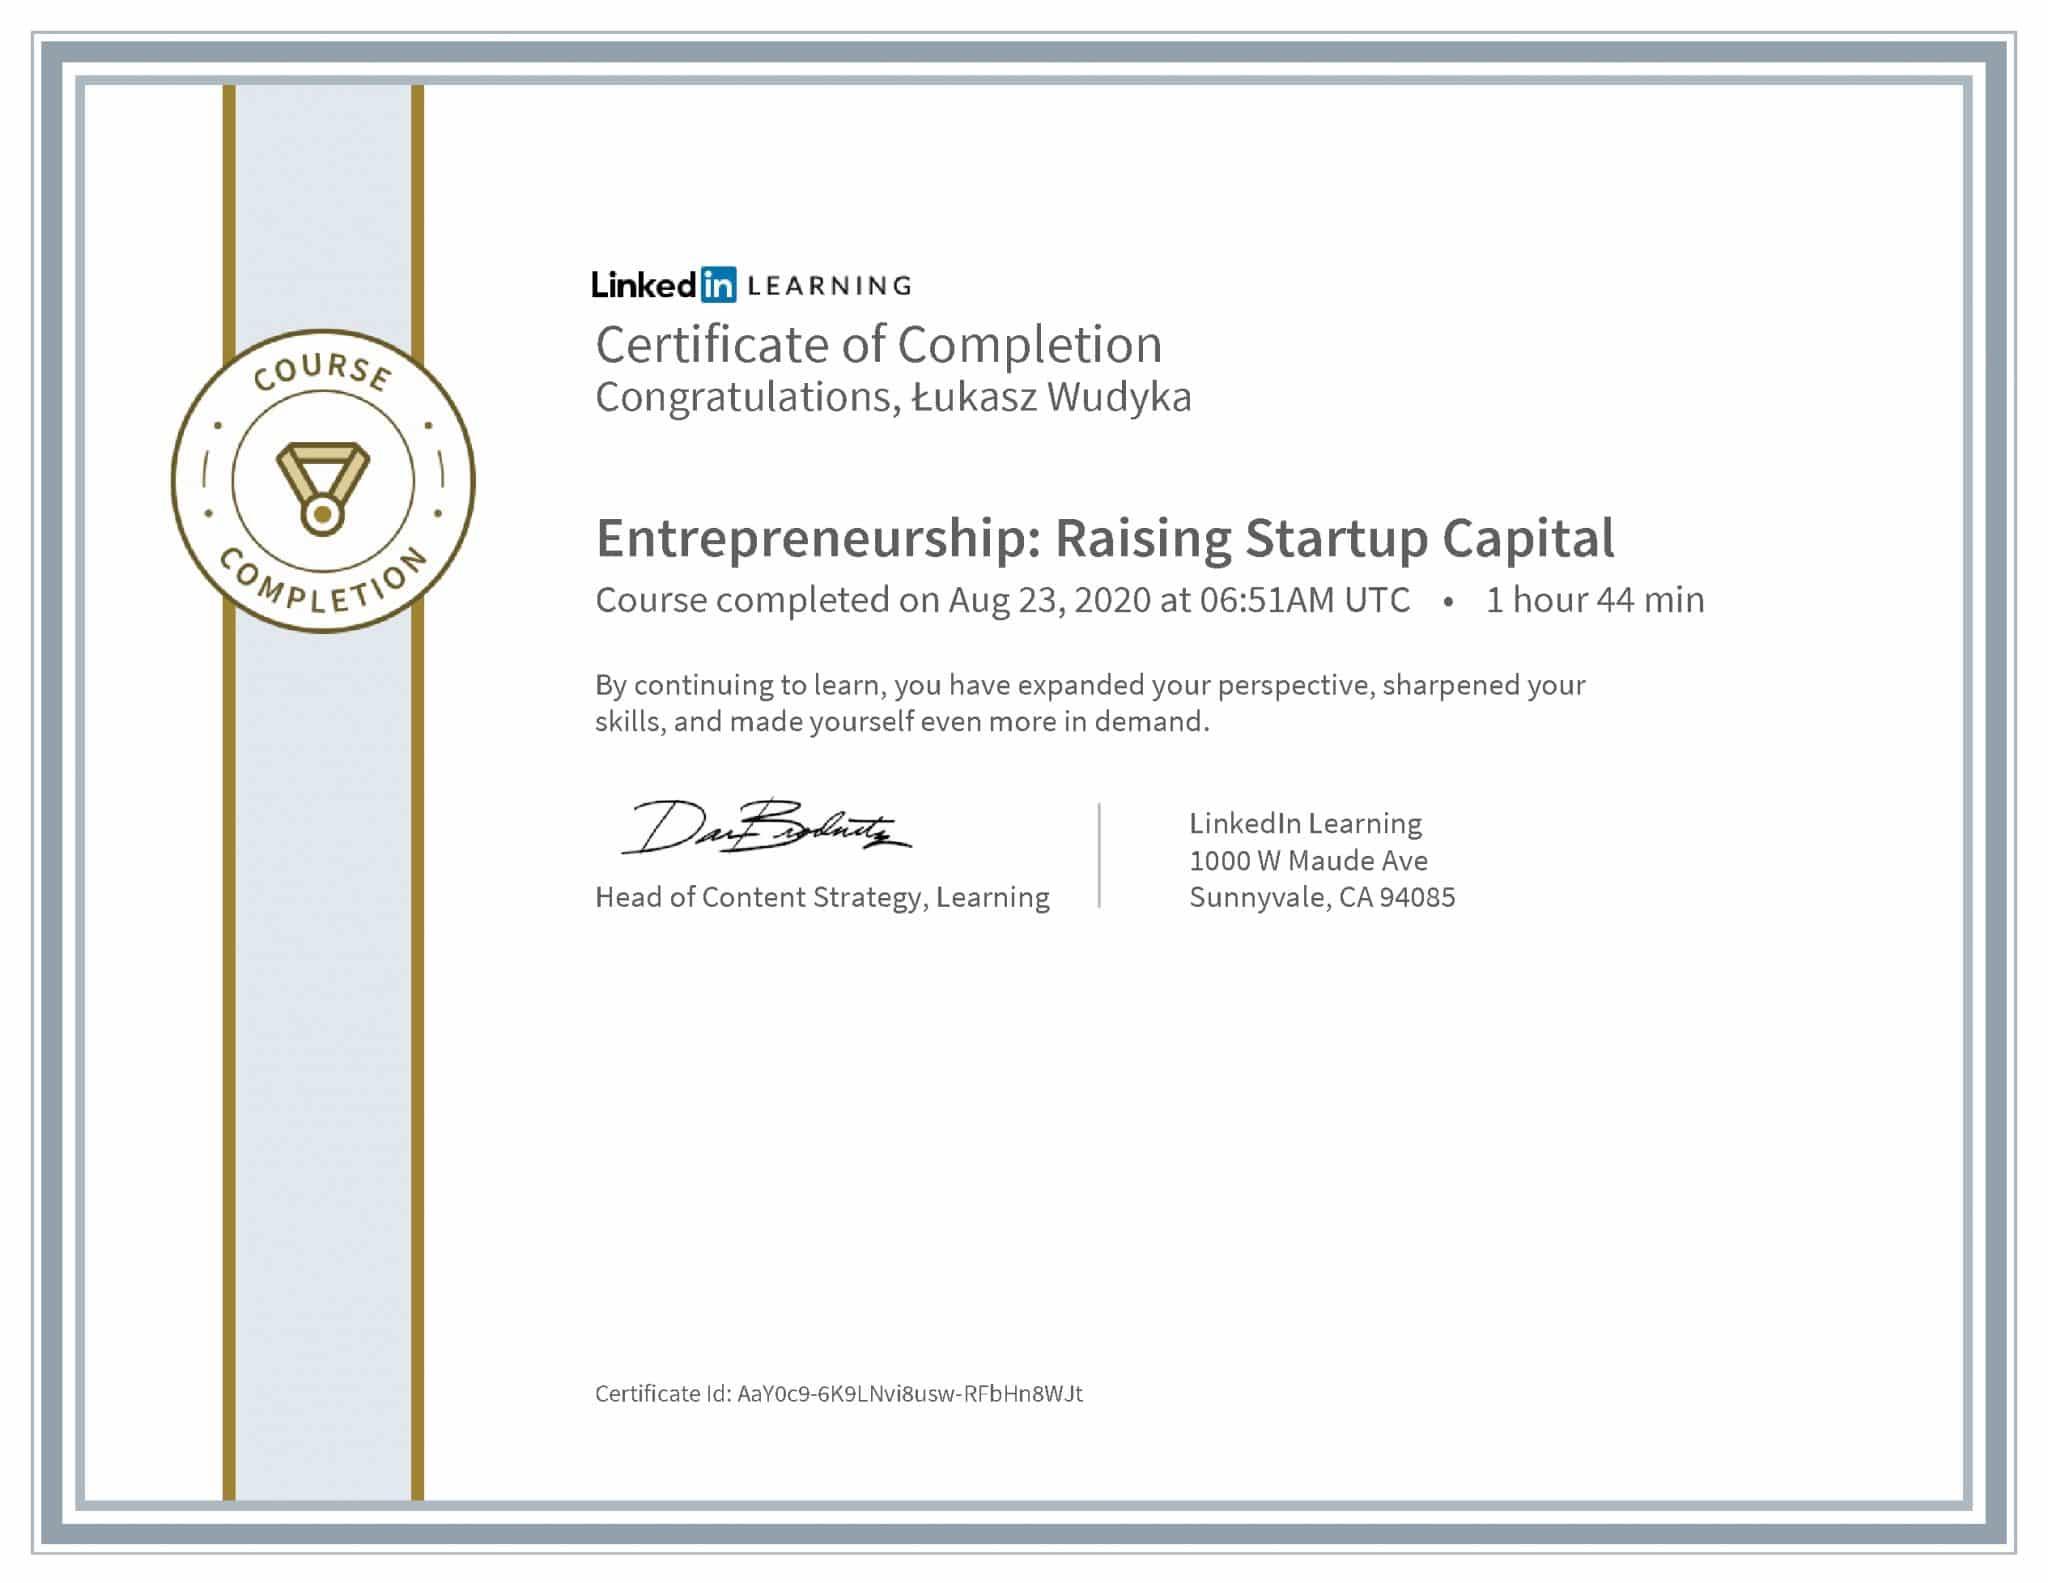 Łukasz Wudyka certyfikat LinkedIn Entrepreneurship: Raising Startup Capital